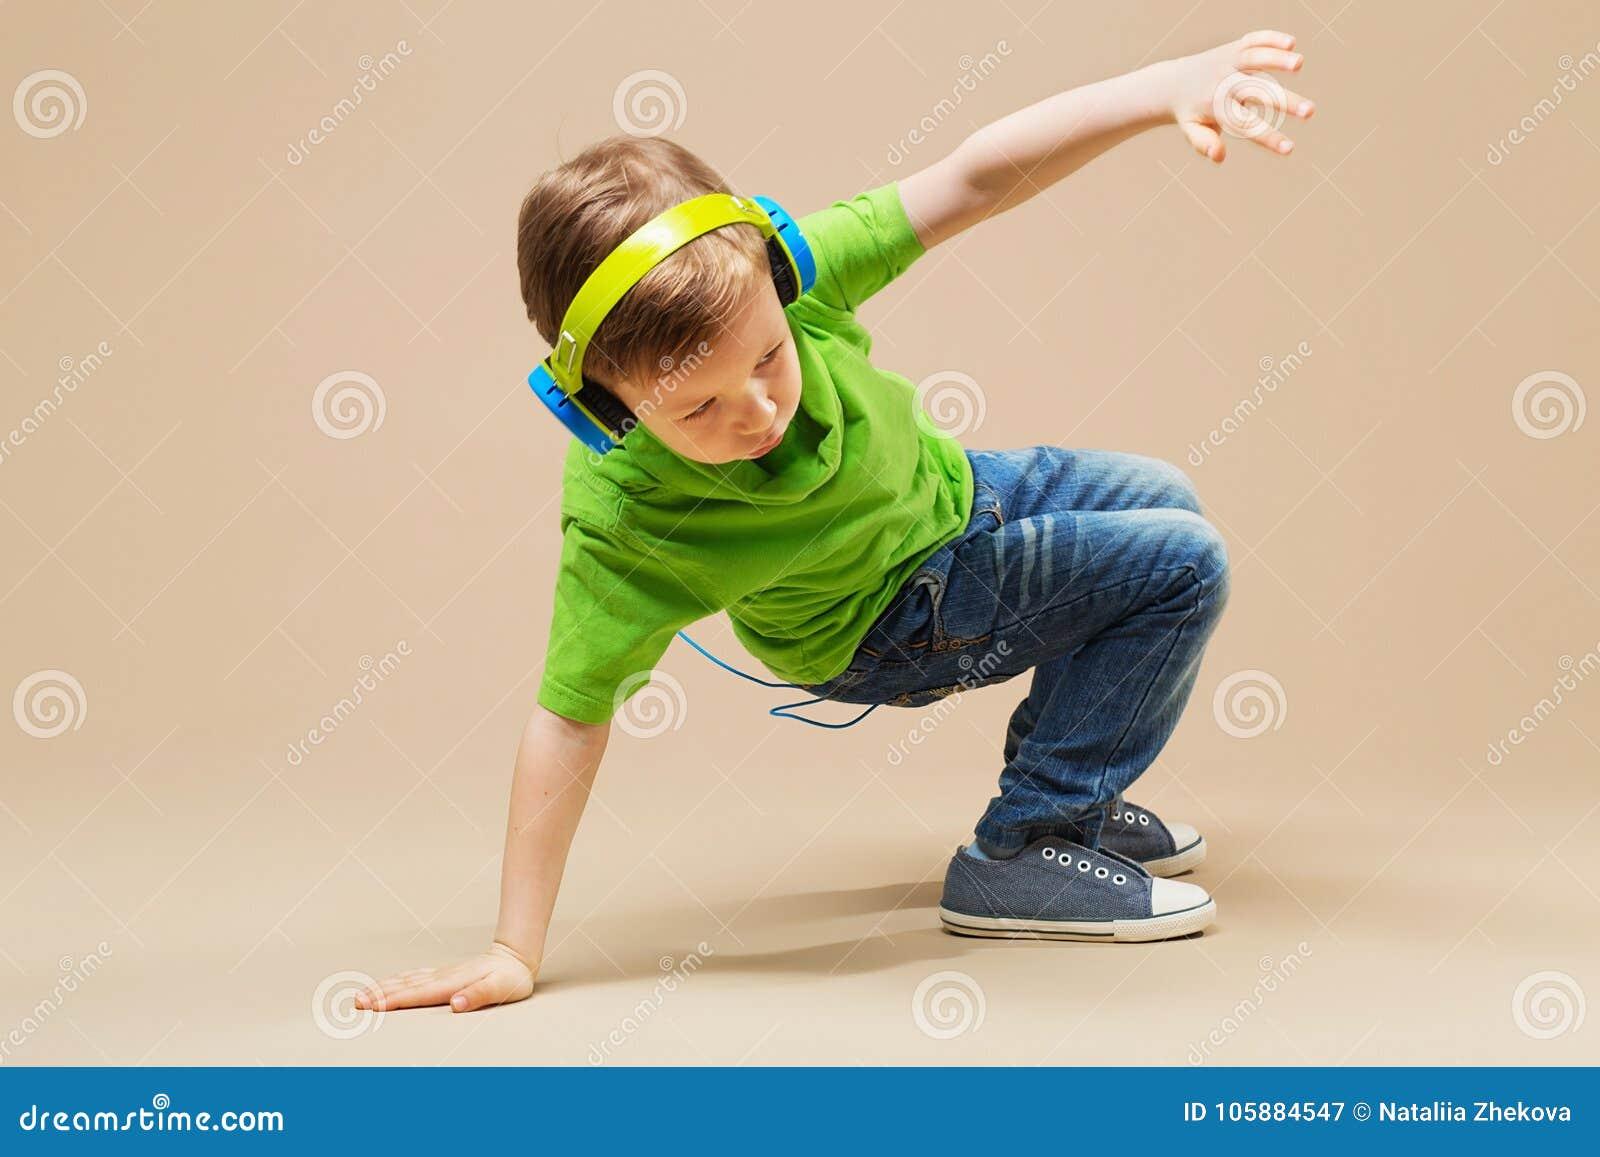 break dance kids. little break dancer showing his skills in dance studio. Hip hop dancer boy performing over studio background